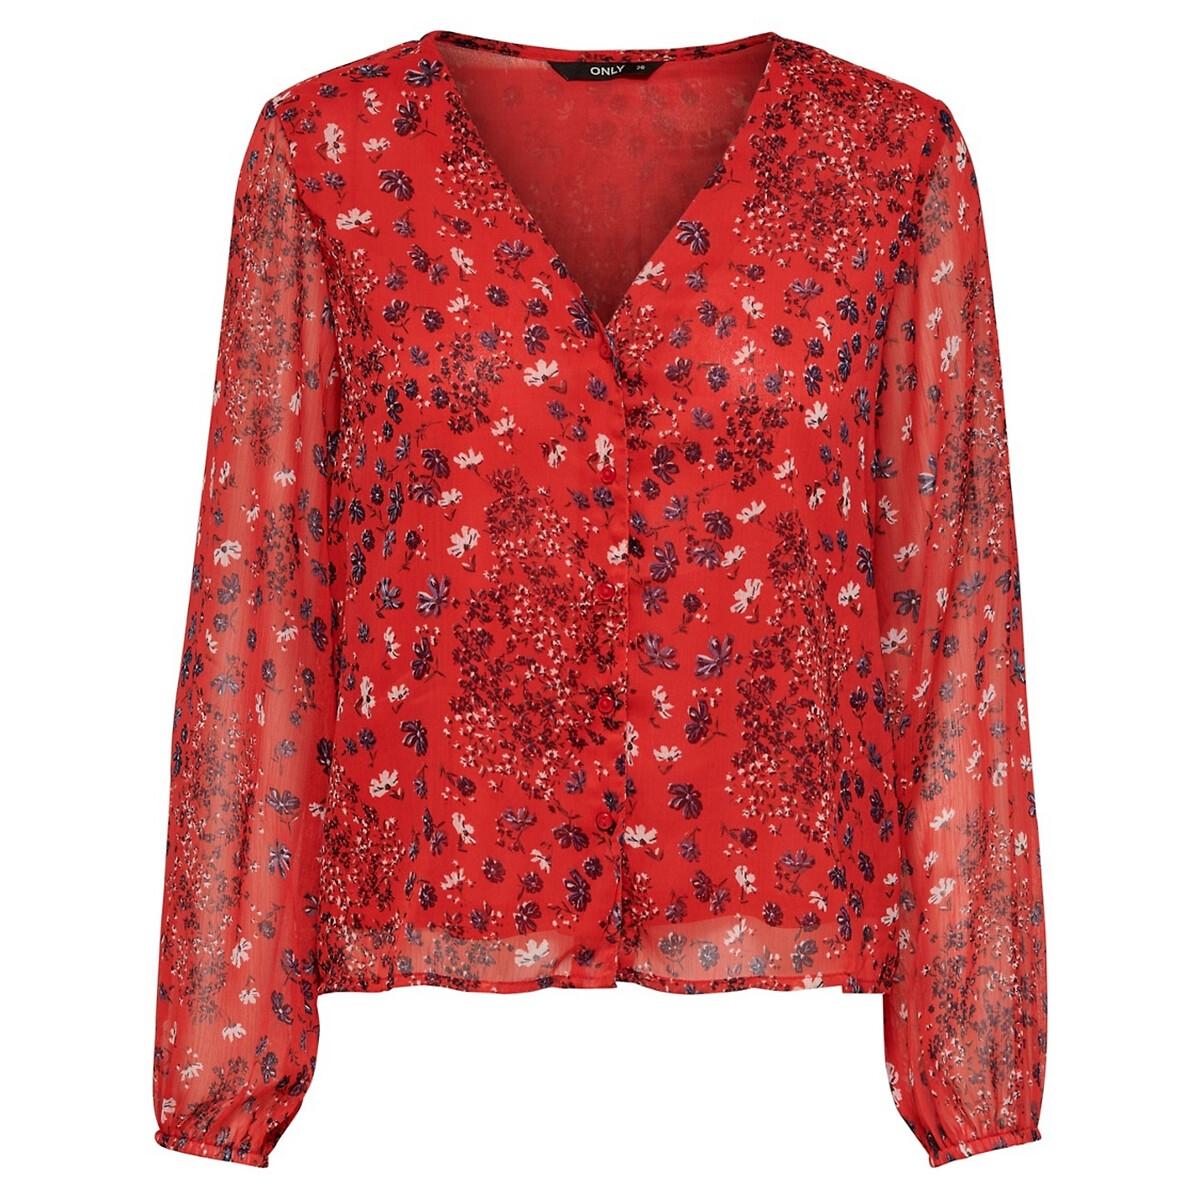 Блузка La Redoute Струящаяся с длинными рукавами v-образный вырез 34 (FR) - 40 (RUS) розовый рубашка la redoute струящаяся с цветочным принтом и длинными рукавами 34 fr 40 rus фиолетовый